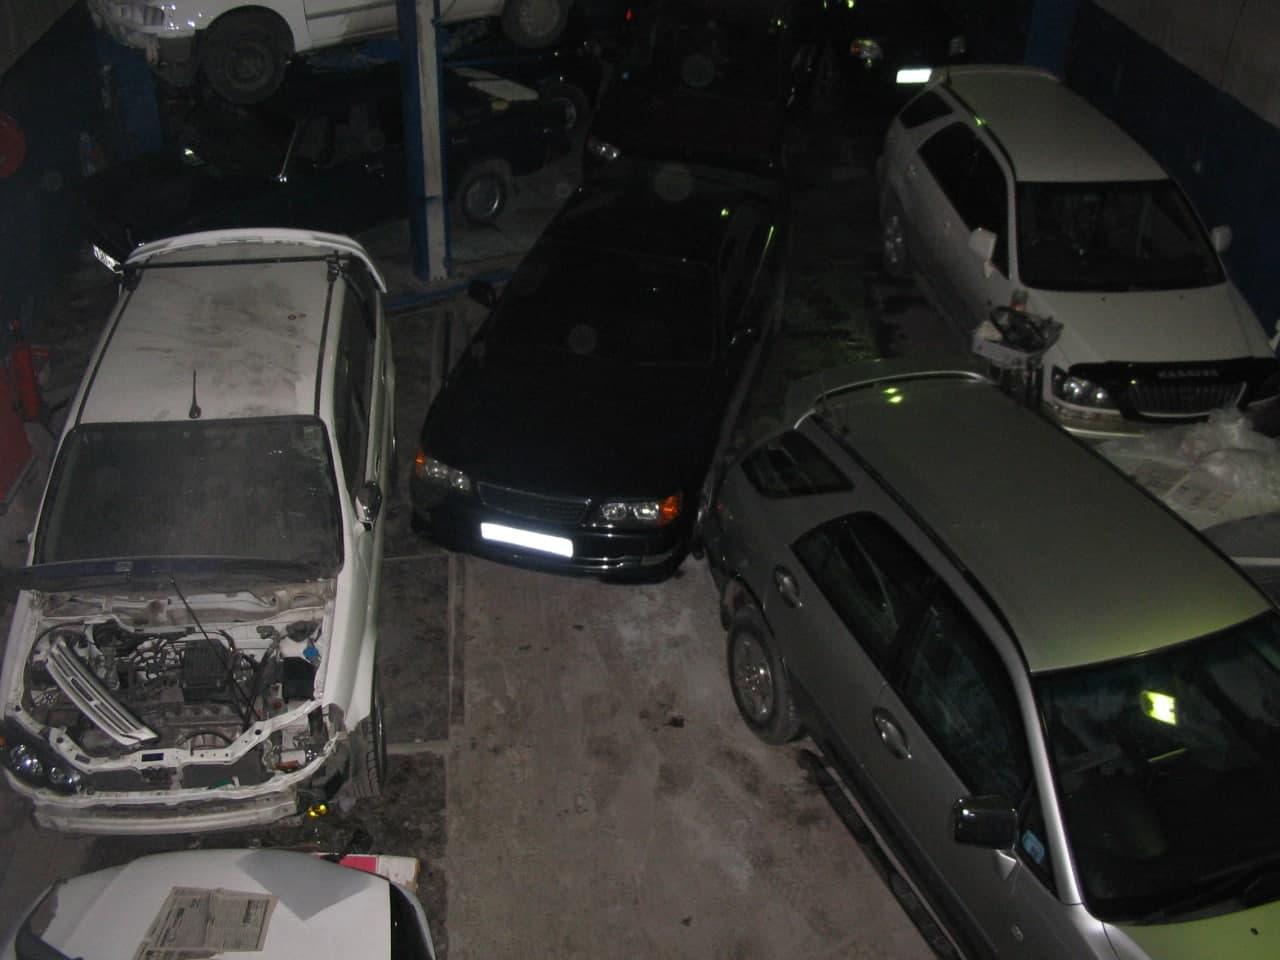 Дмитрий Ведерников, лидер ОПГ «Меценатовские»: «Угнанные в Чите автомобили сопровождали экипажи ГИБДД до «отстойников»